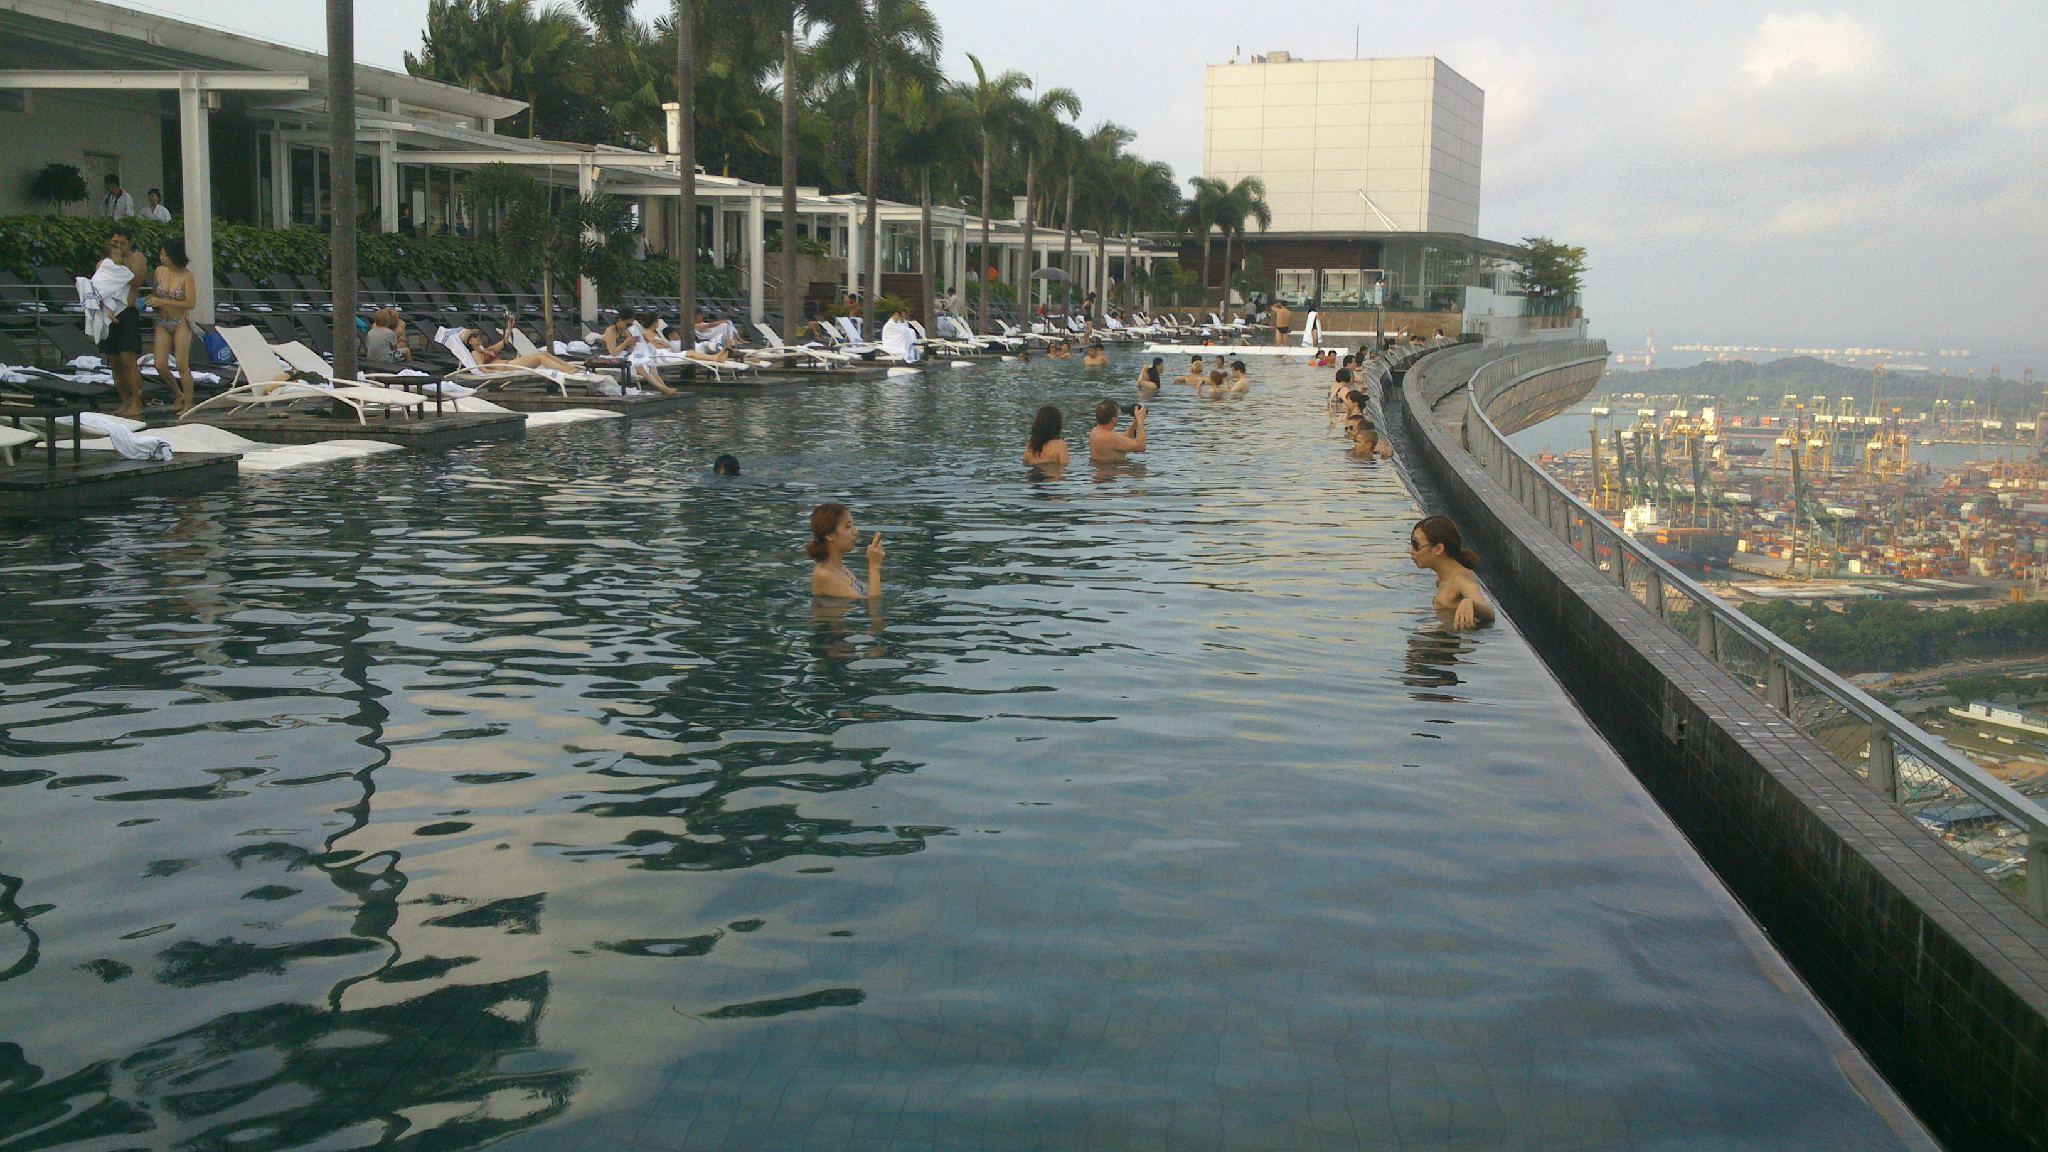 新加坡旅游攻略指南? 攜程攻略社區! 靠譜的旅游攻略平台,最佳的新加坡自助游、自由行、自駕游、跟團旅線路,海量新加坡旅游景點圖片、游記、交通、美食、購物、住宿、娛樂、行程、指南等旅游攻略信息,了解更多新加坡旅游信息就來攜程旅游攻略。